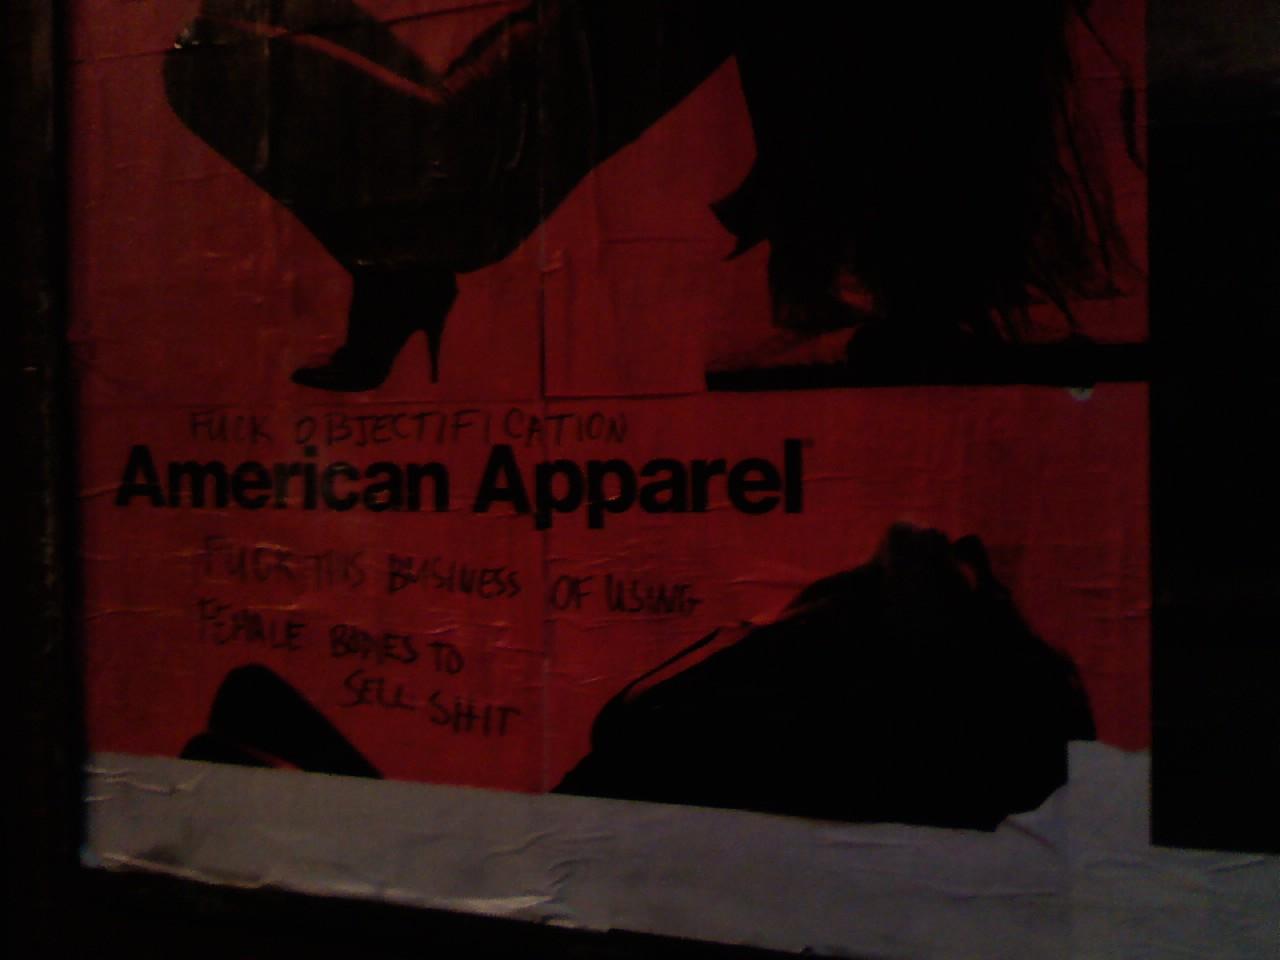 Allston Graffiti!